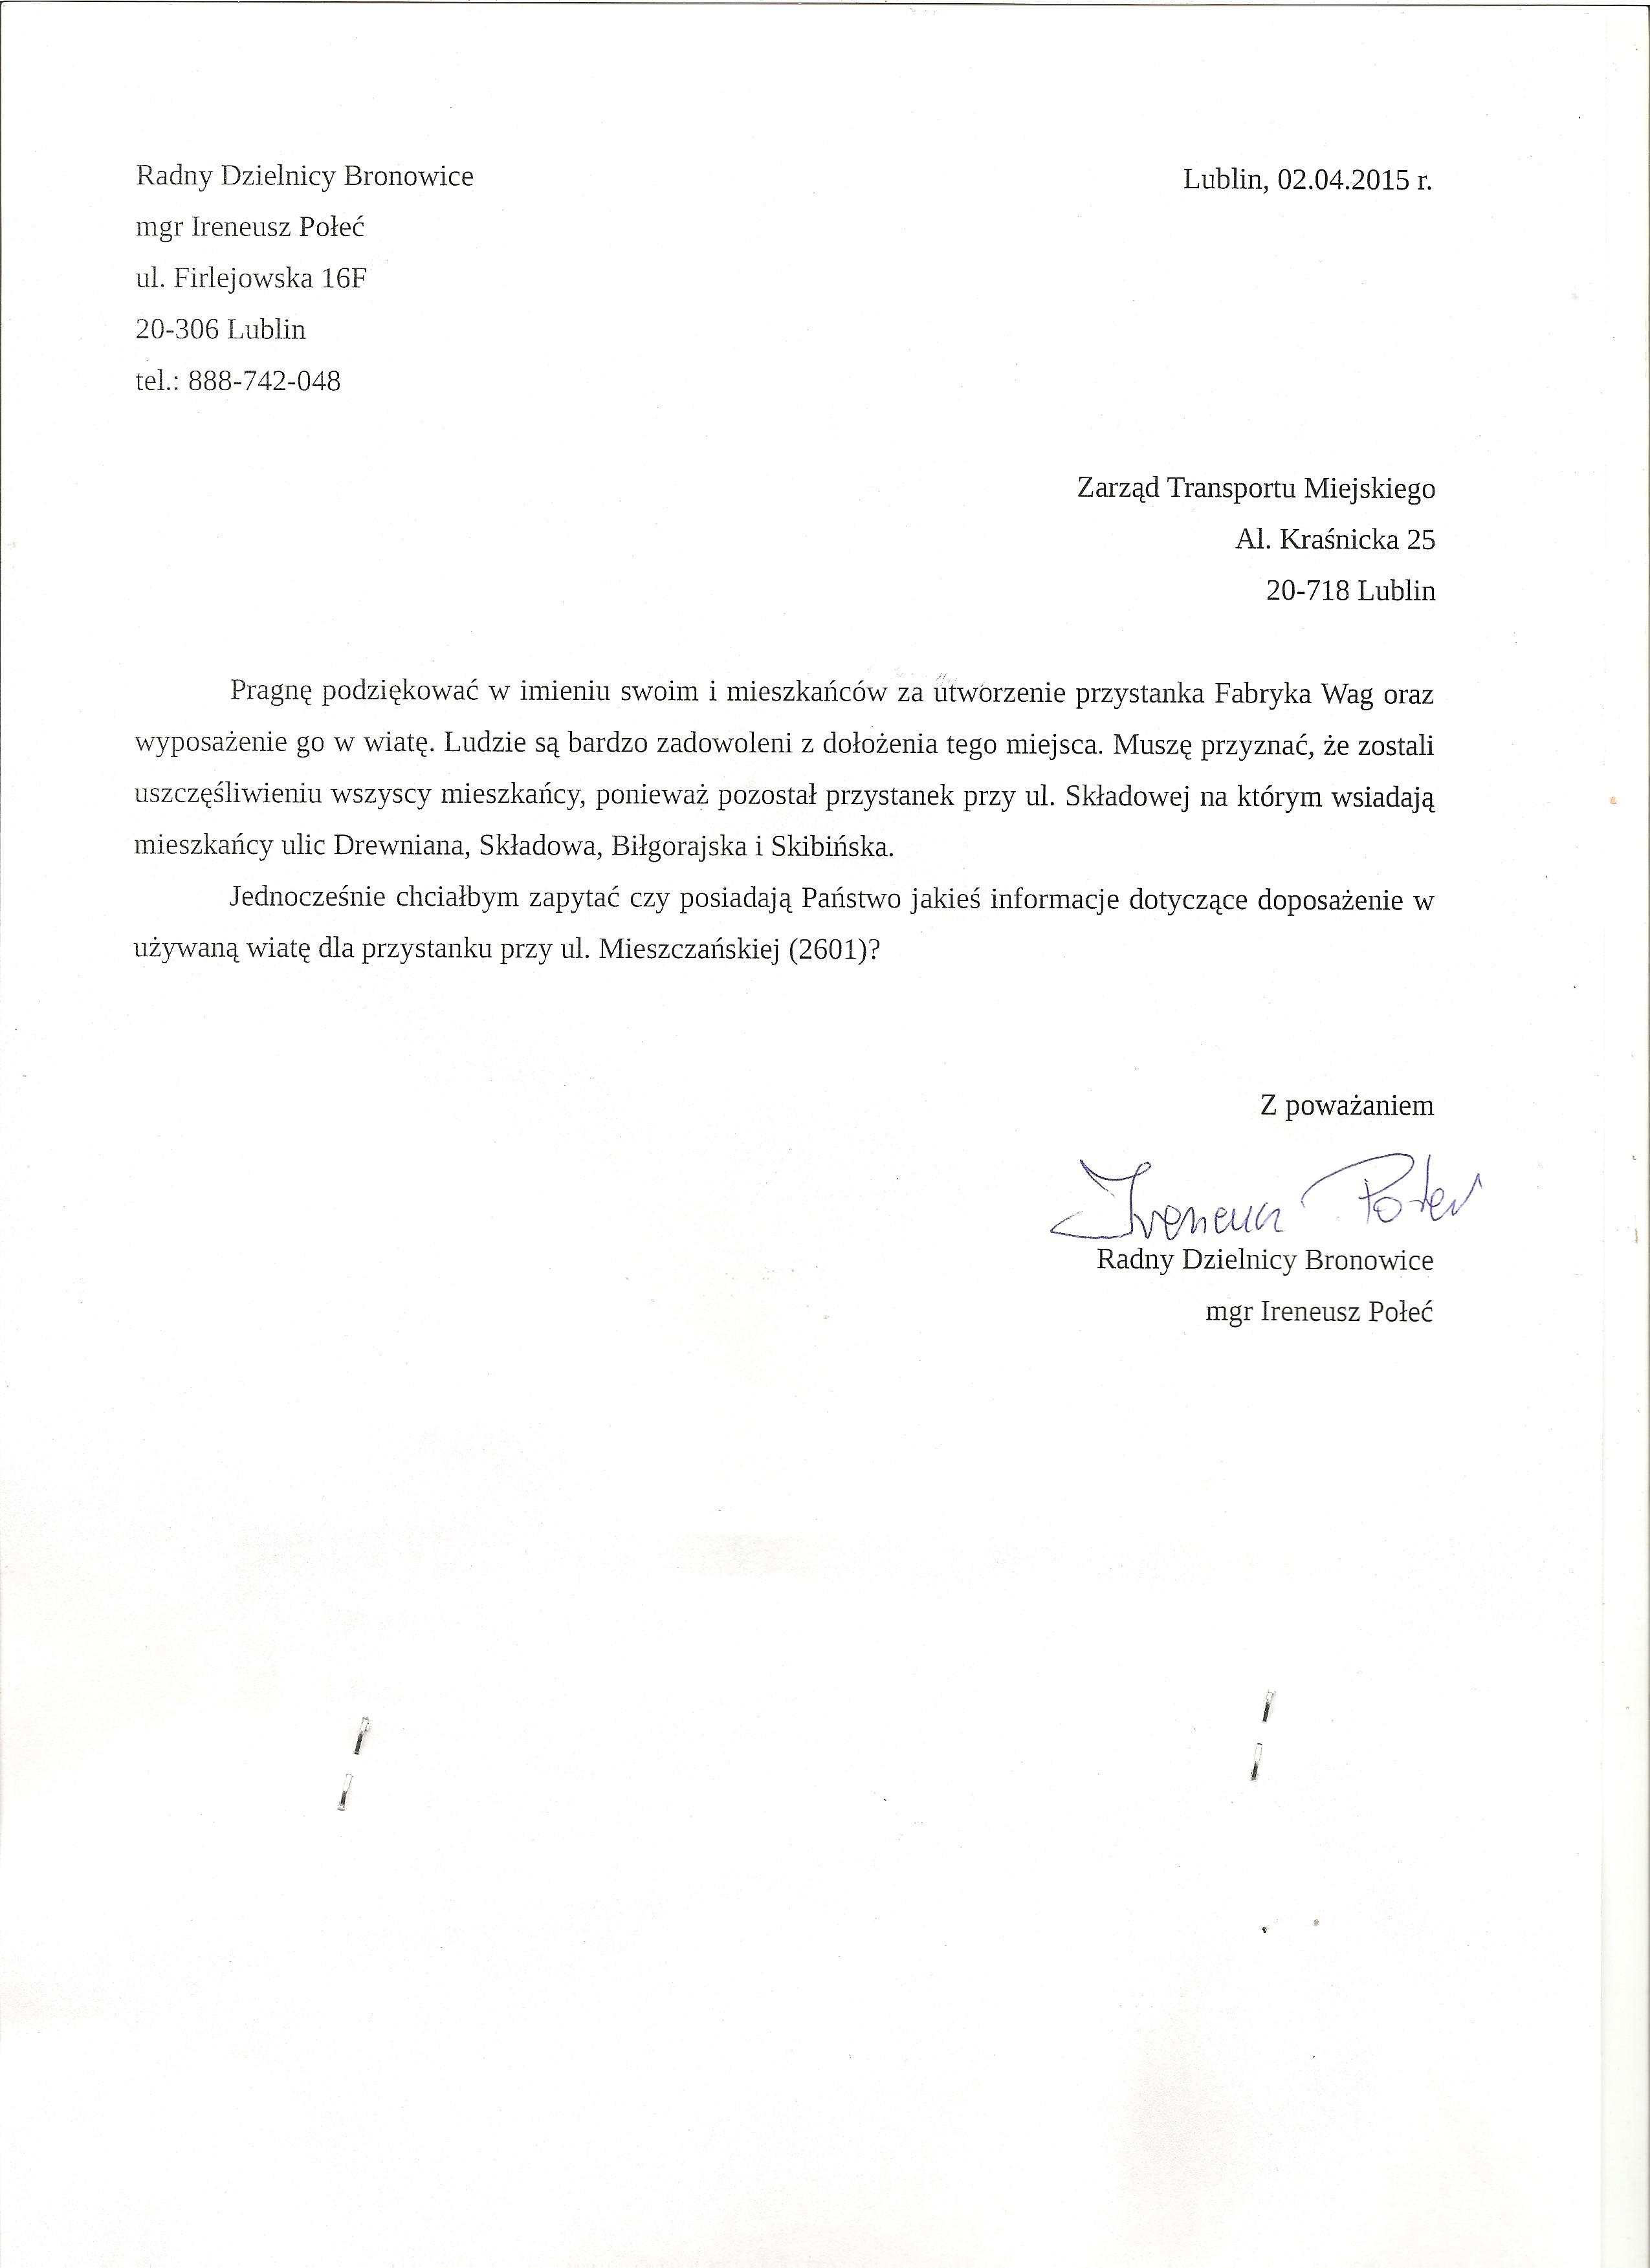 ZTM_Przystanek_mieszczanska_ul_leczynska_wiata.jpg